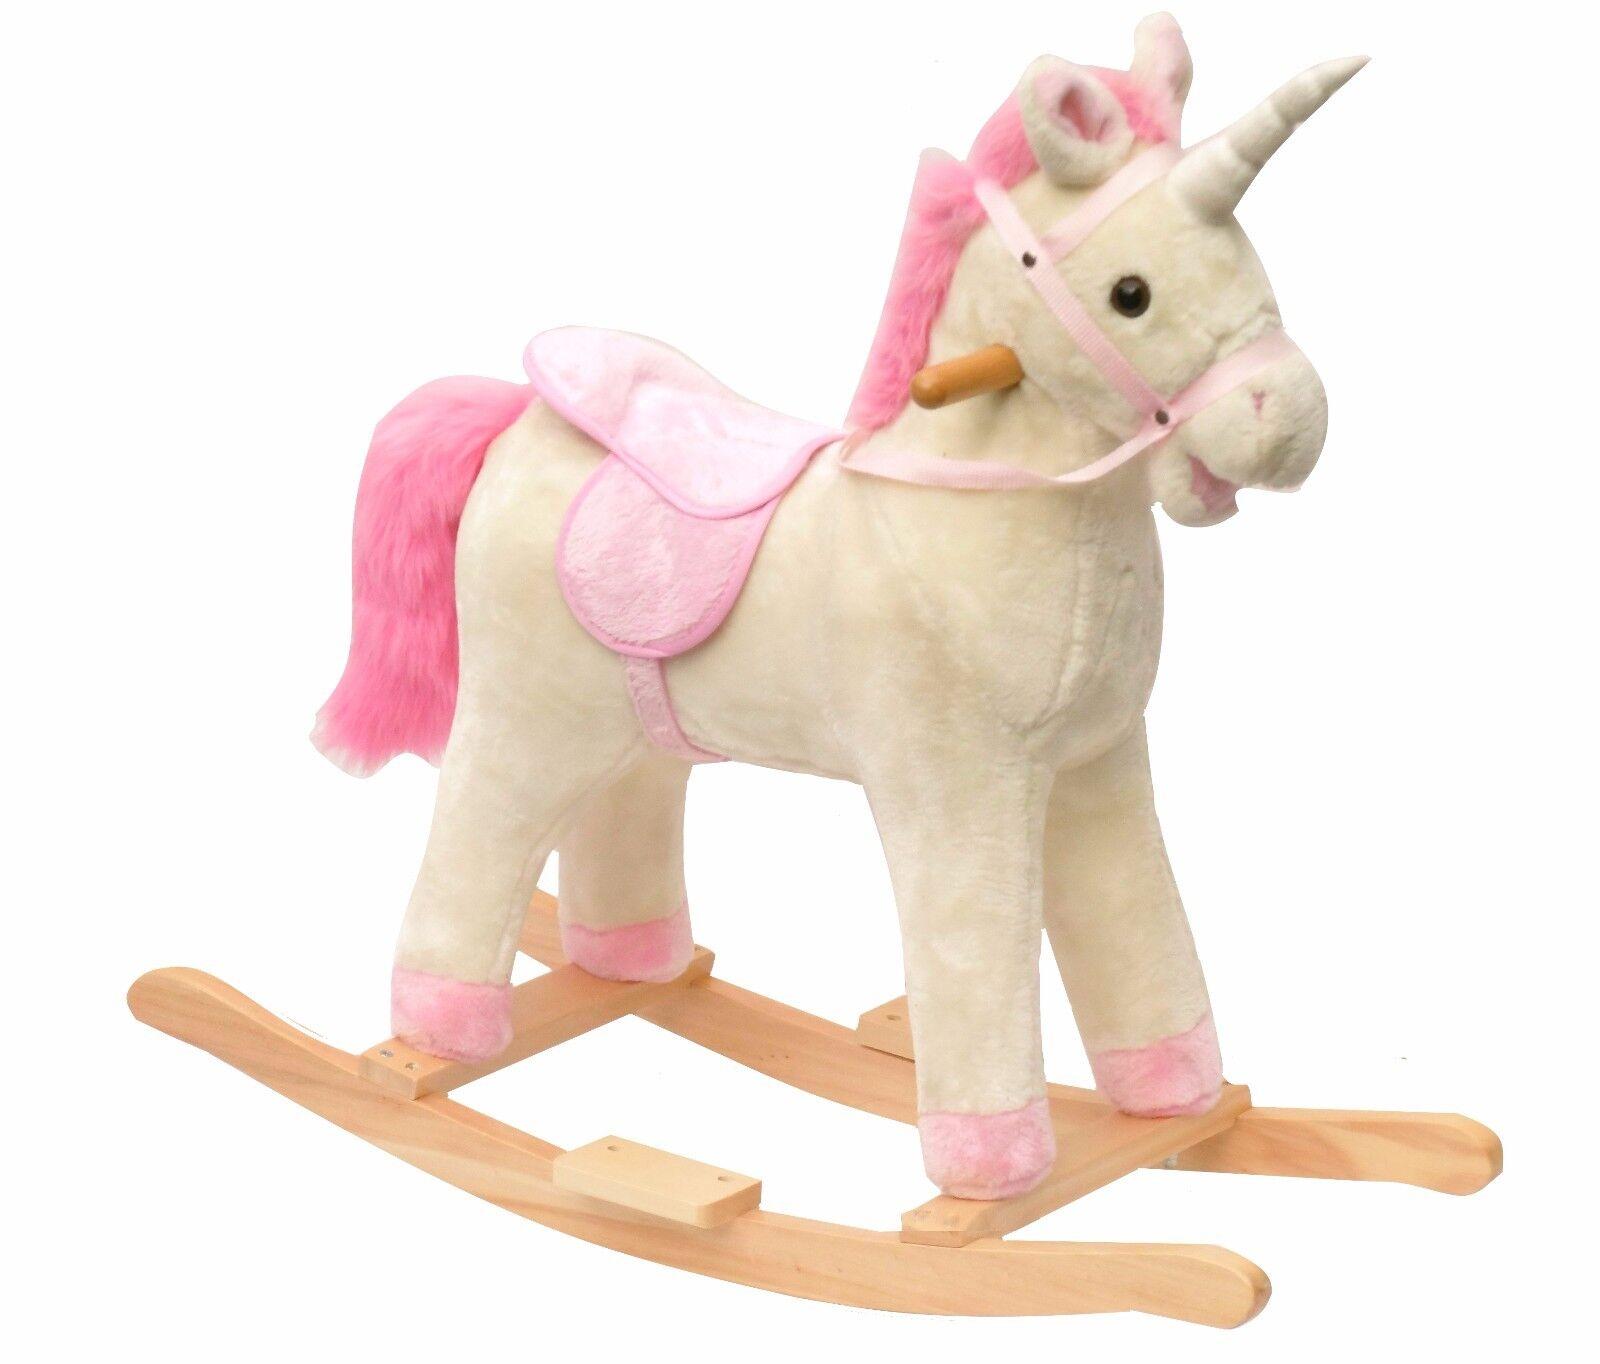 Einhorn Schaukelpferd in weiß und Rosa Rosa Mähne Einhorn Pferd Holz-kufen Sound